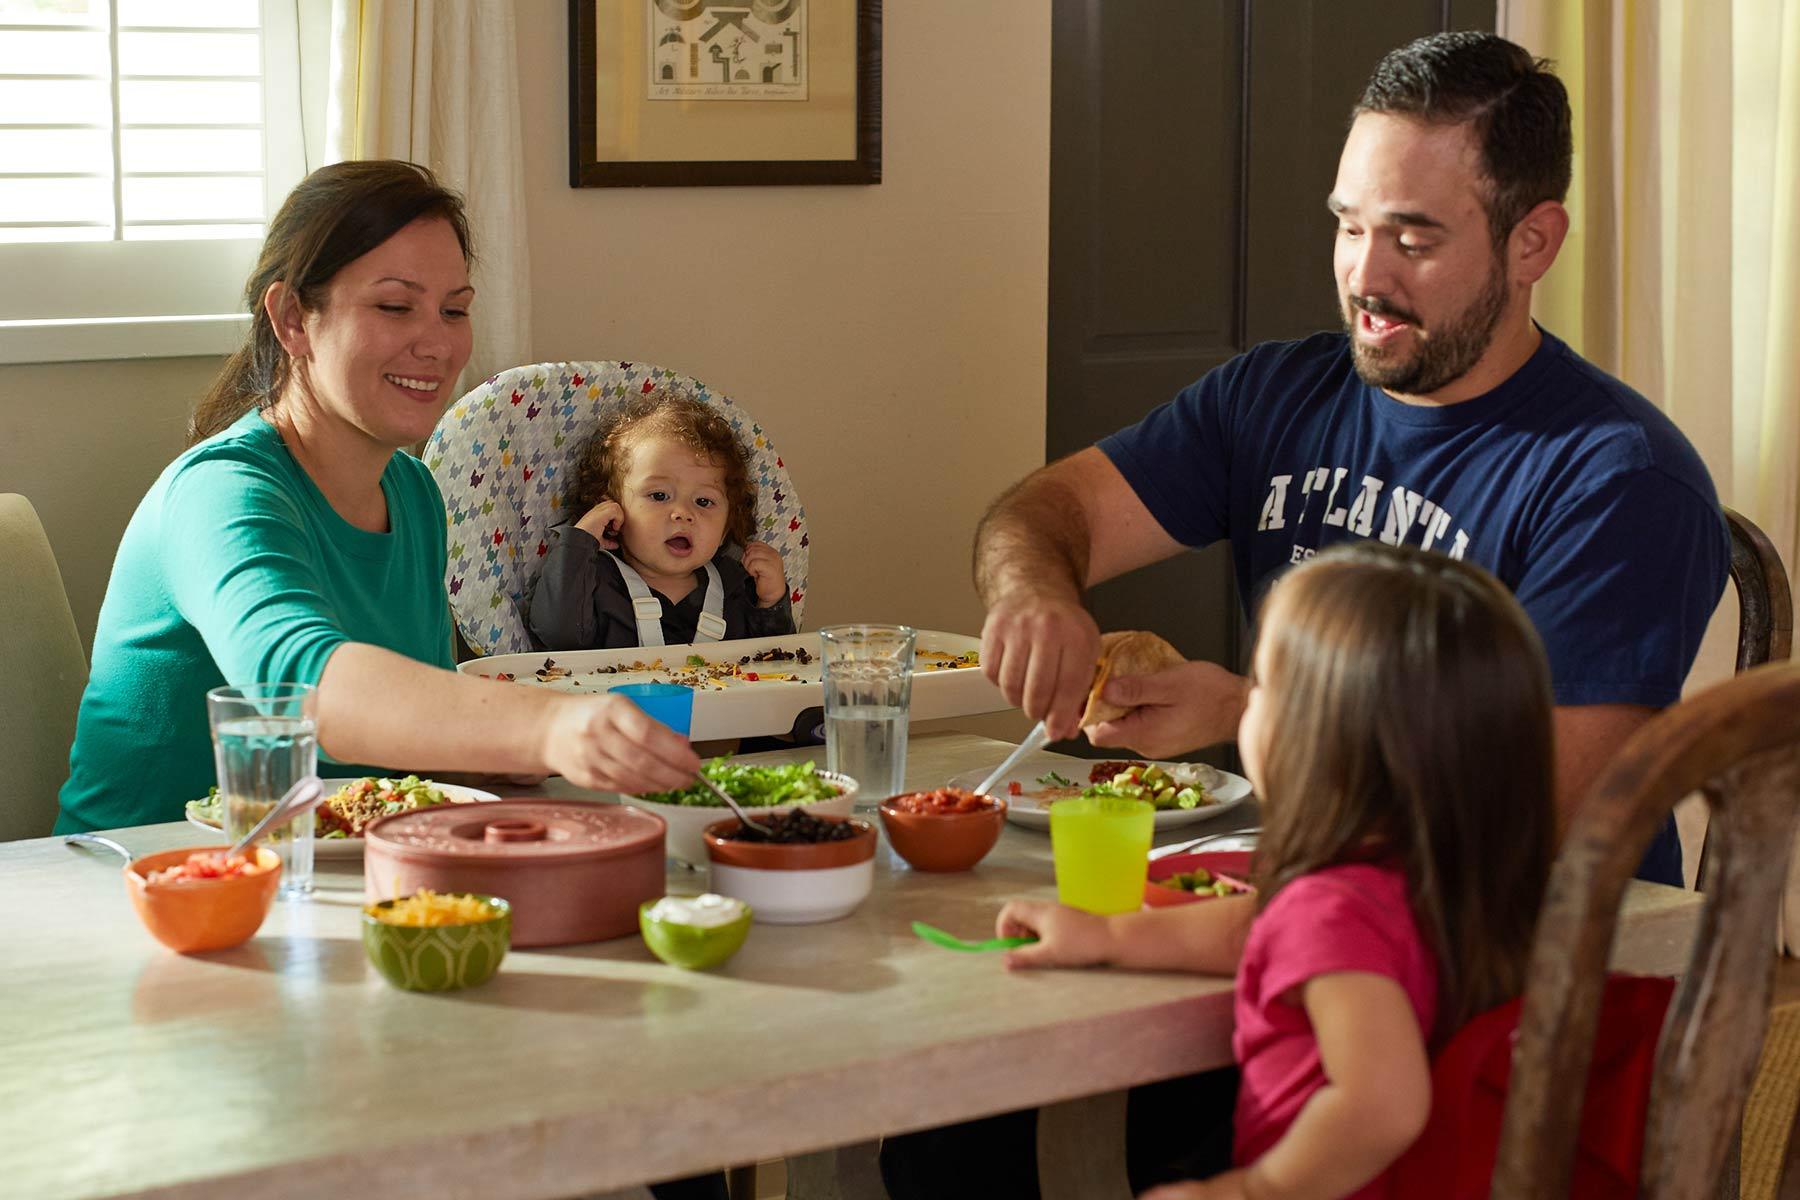 Αποτέλεσμα εικόνας για family eating ςιτη βαβυ